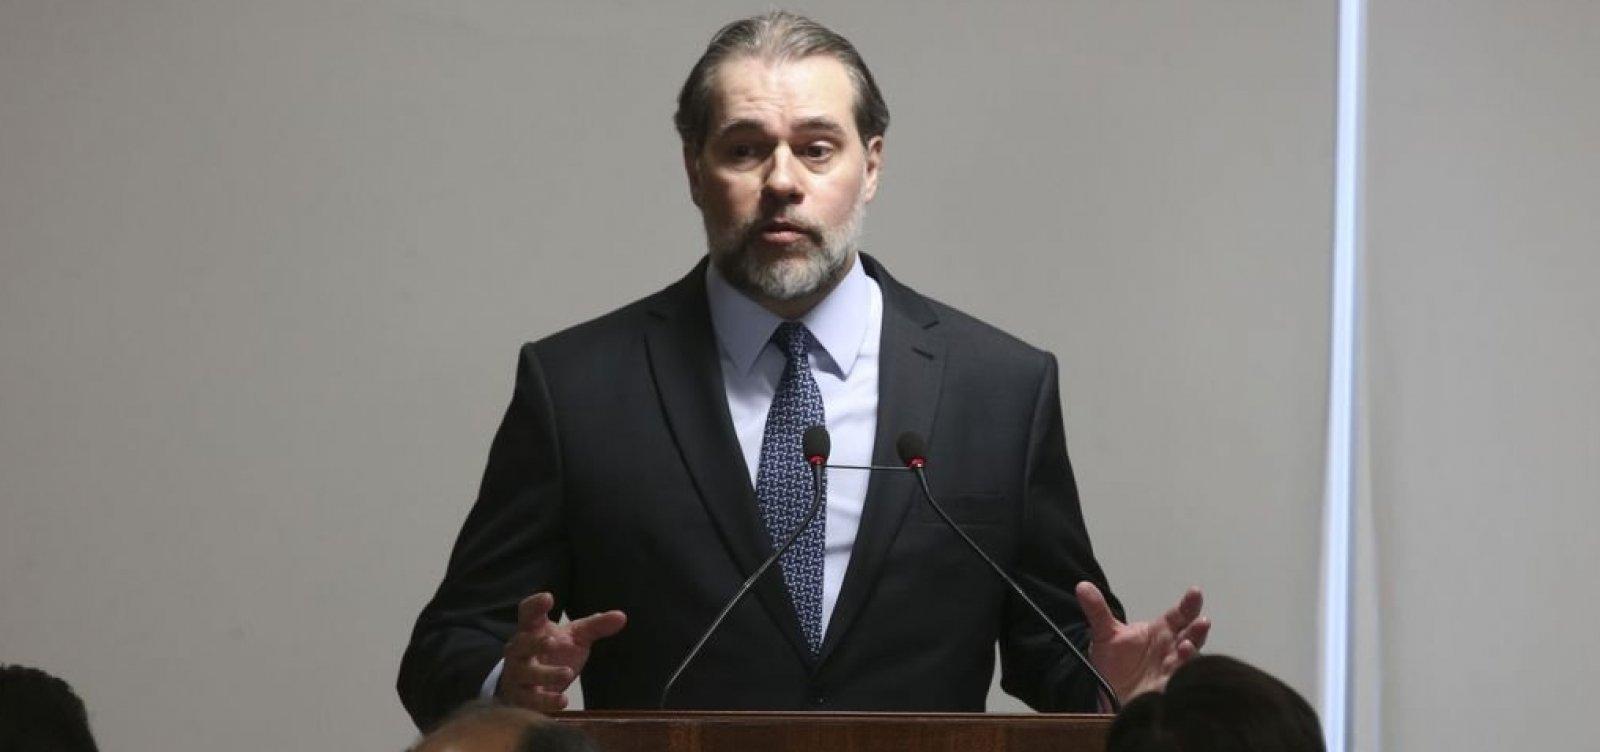 [Toffoli: 'Nunca mais a ditadura, o fascismo, o comunismo e o nazismo']